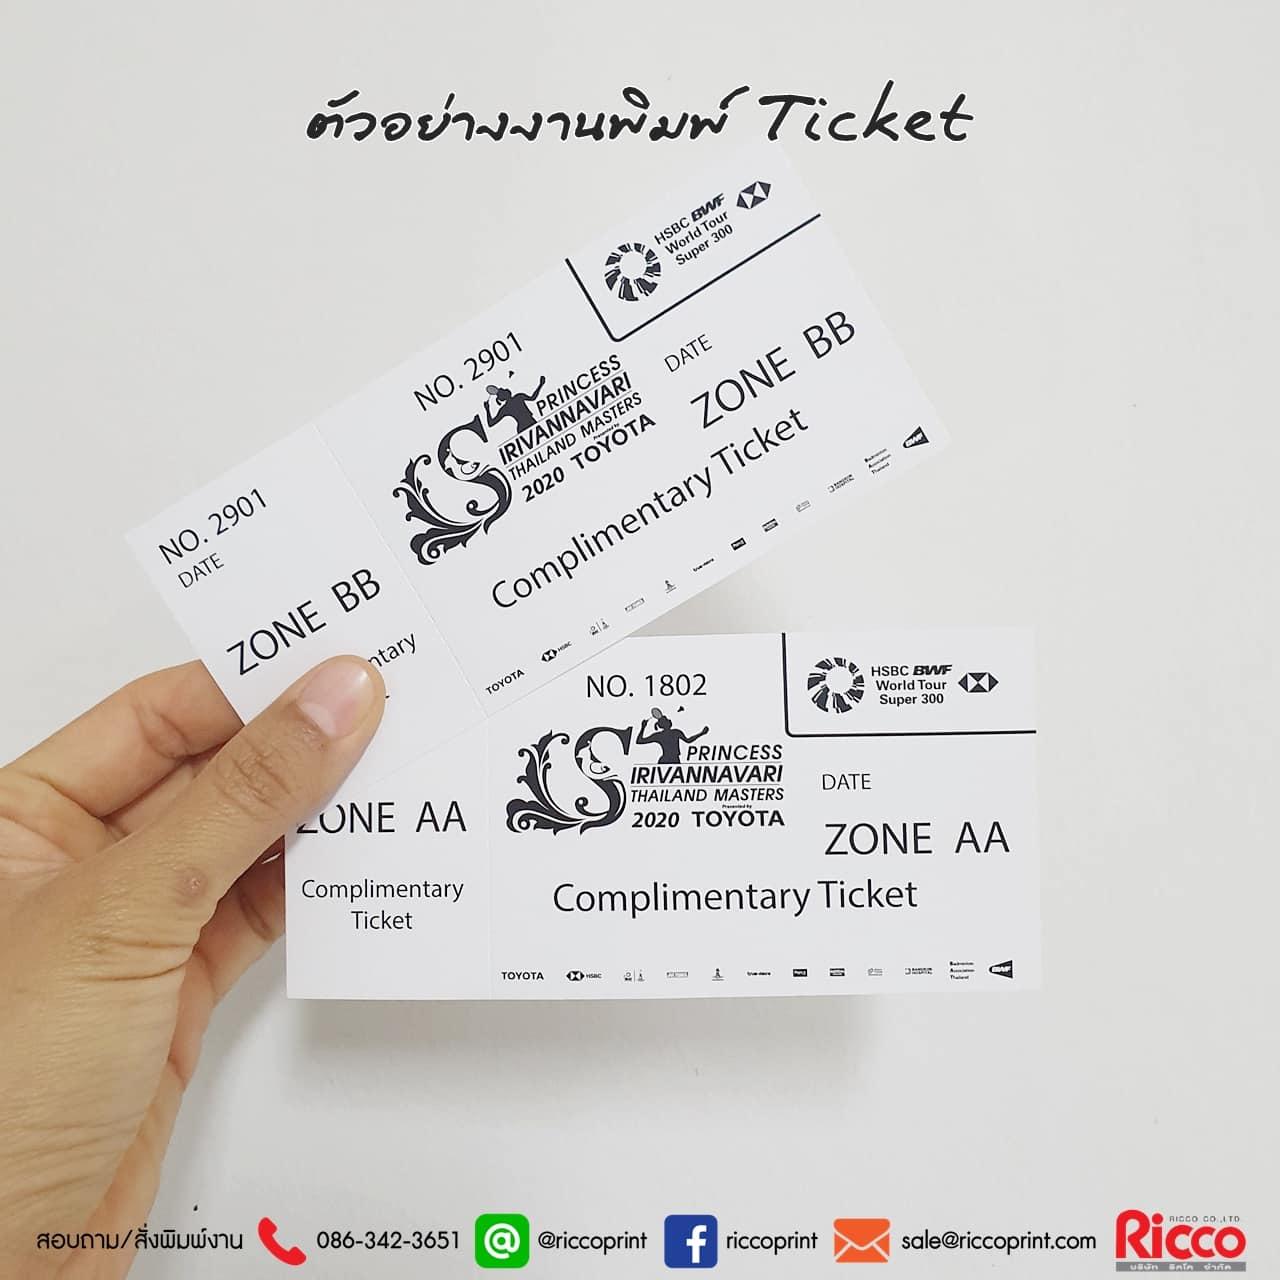 รูป Ticket 2020 6 - ประกอบเนื้อหา คูปอง บัตรกำนัล ตั๋ว